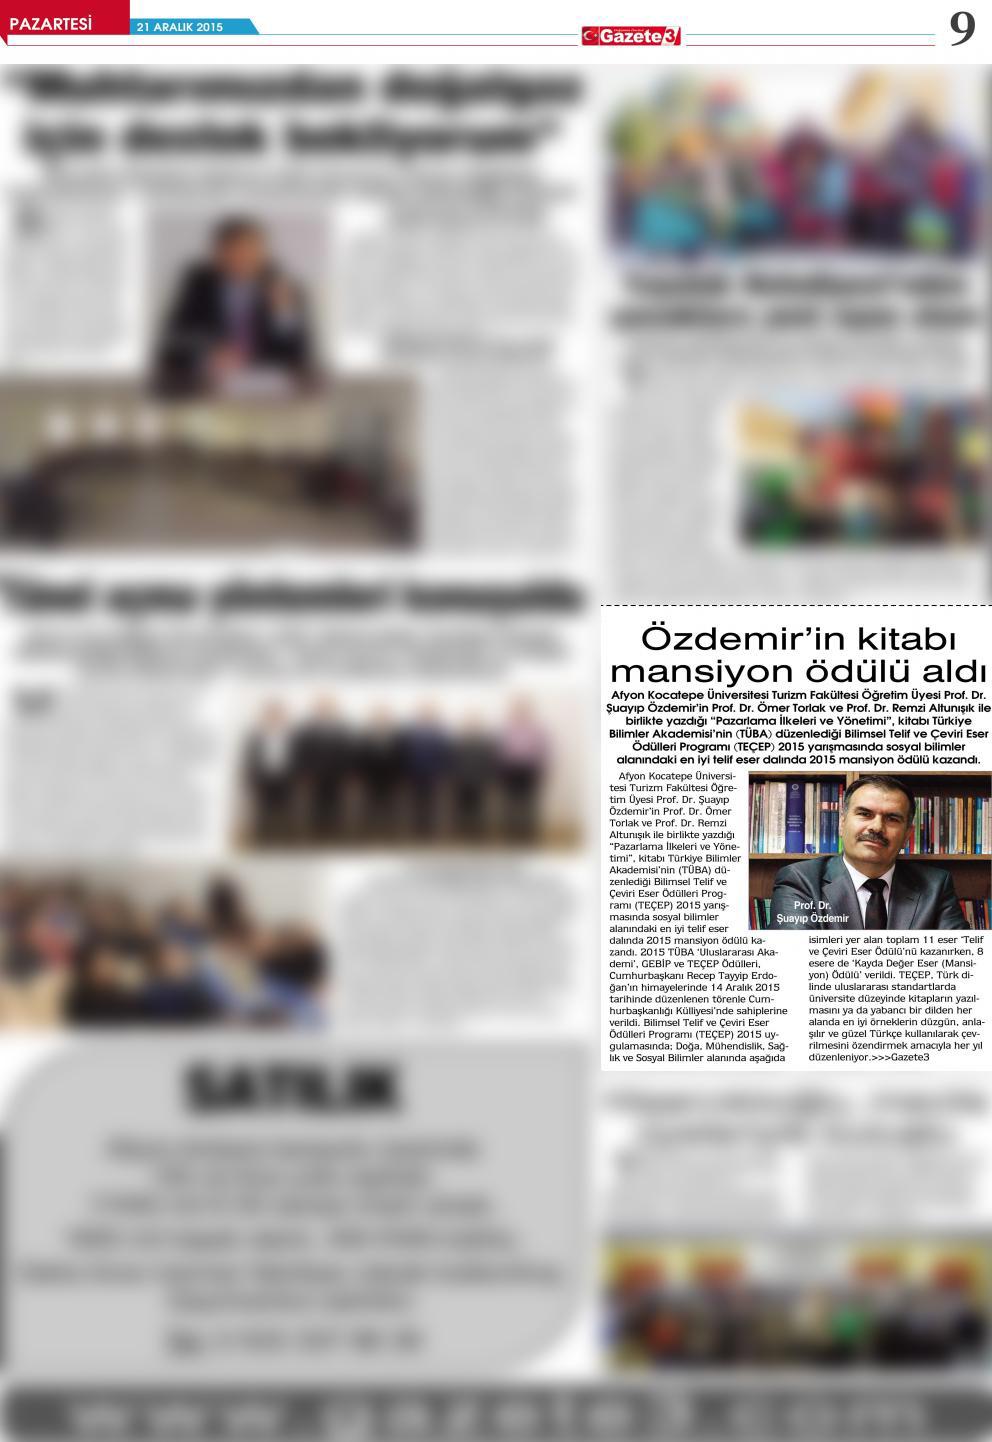 Şuayıp Özdemirin kitabı mansiyon ödülü aldı 2015-12-21-9